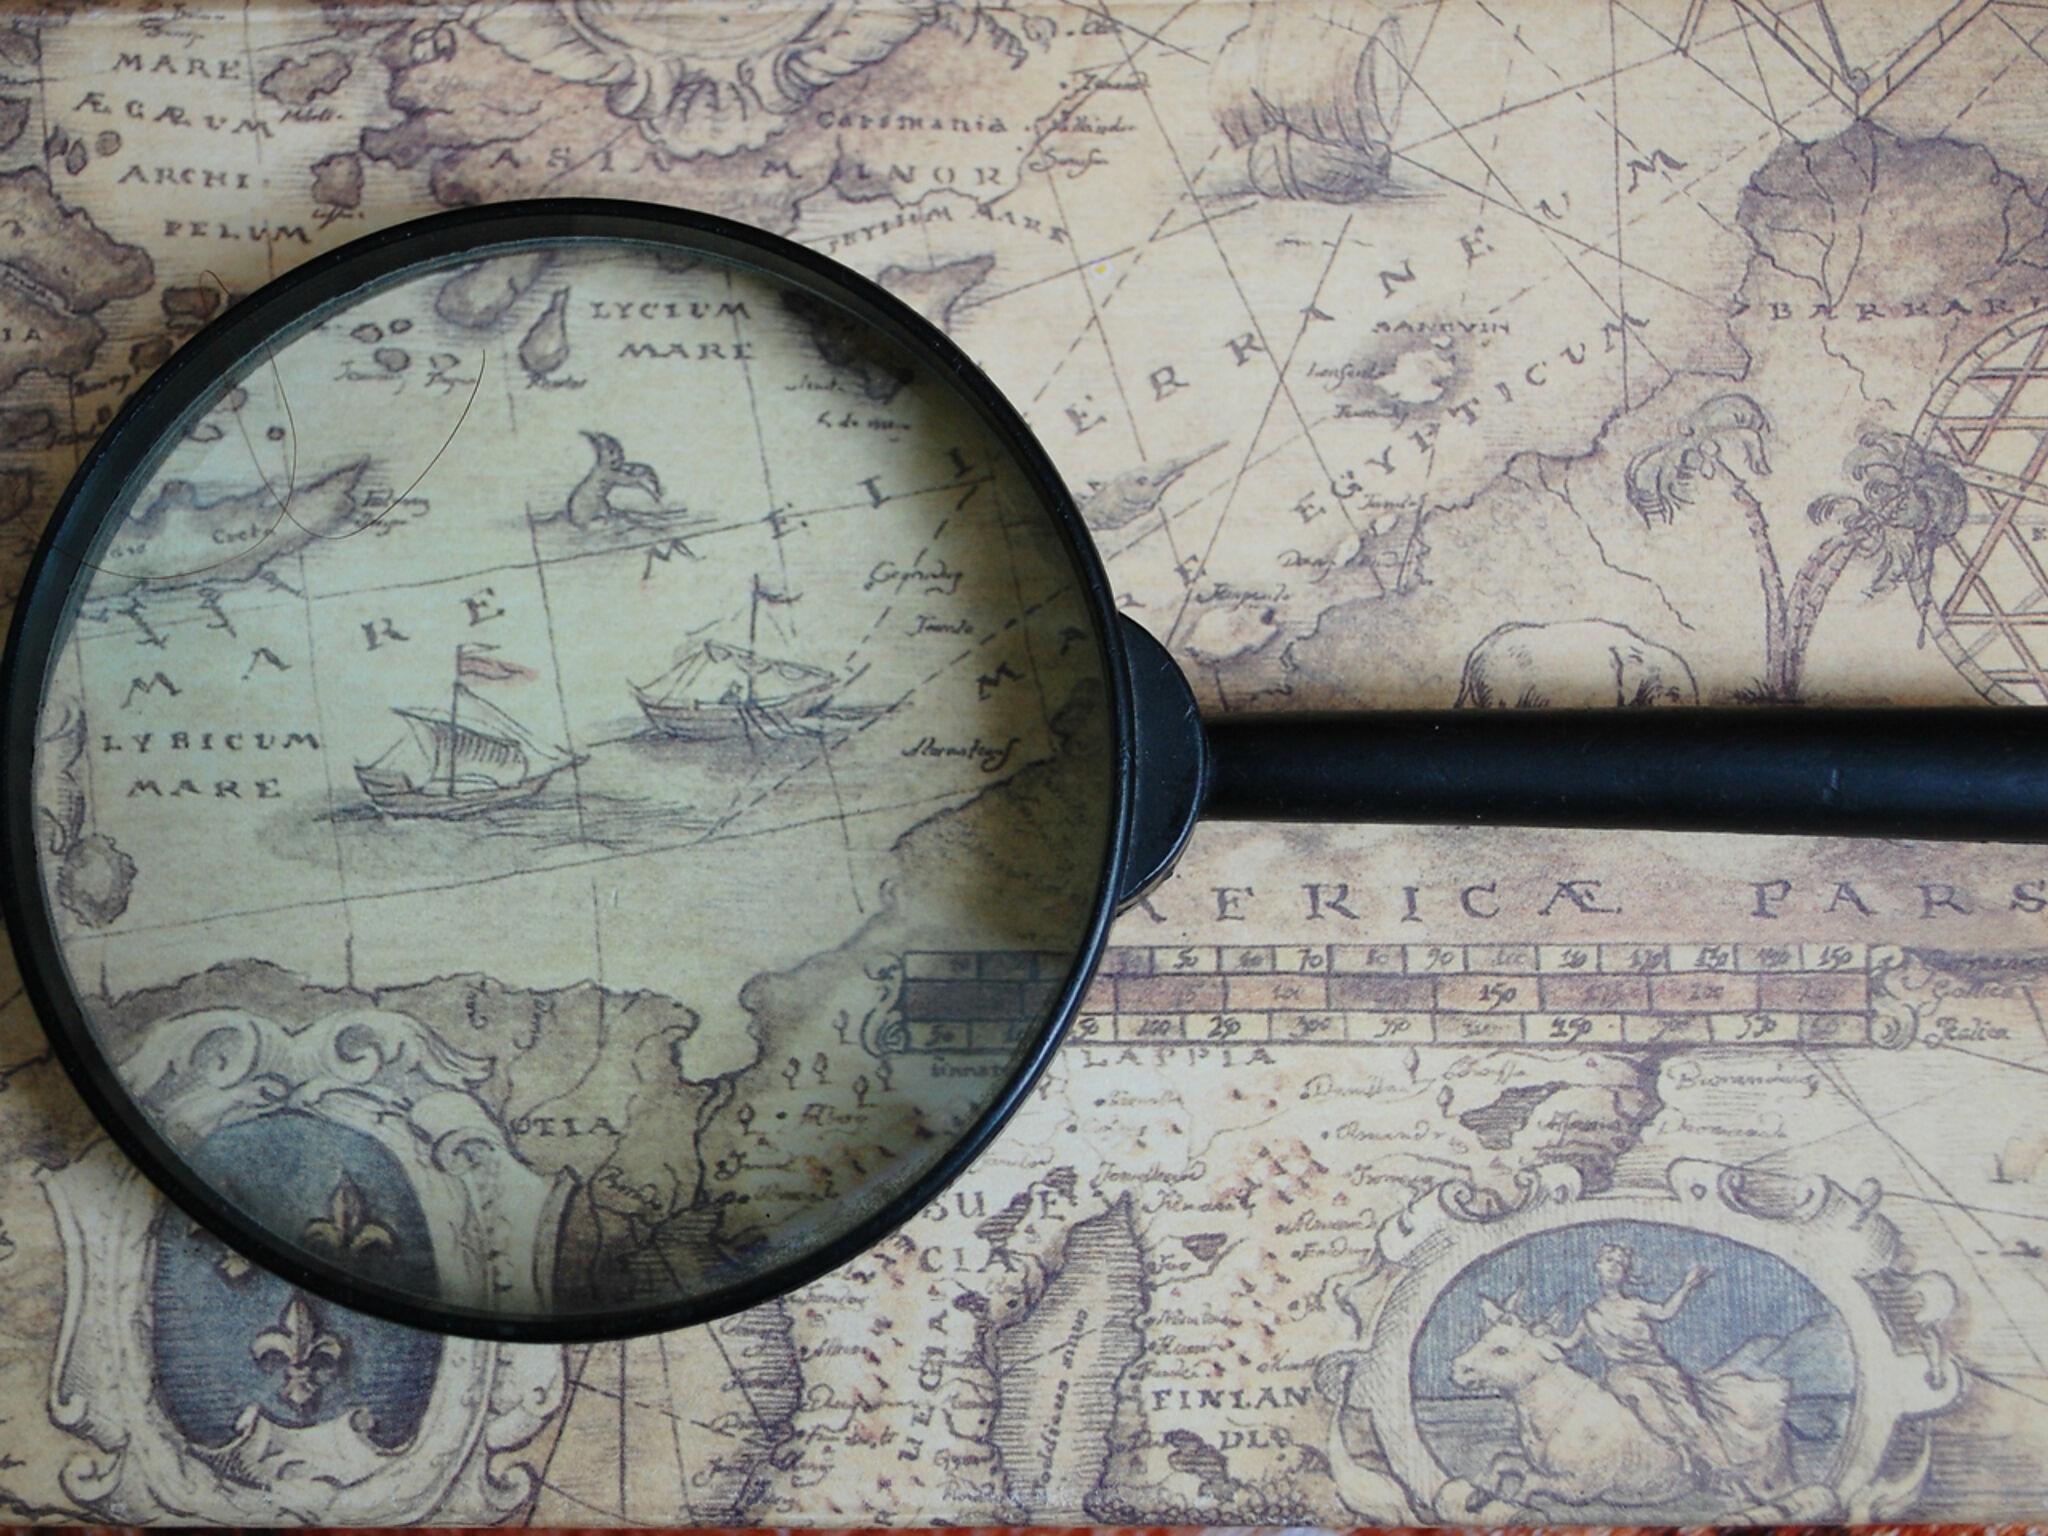 昔の世界地図に虫眼鏡が置いてある画像